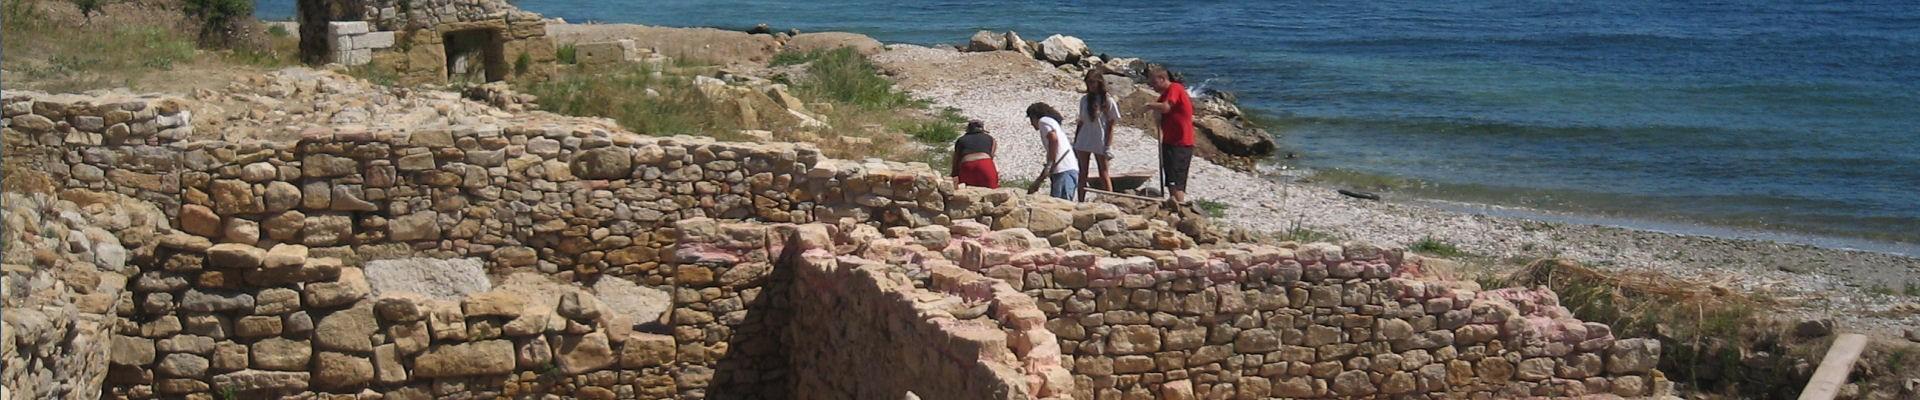 site archéologique de tholon - Etang de Berre - martigues